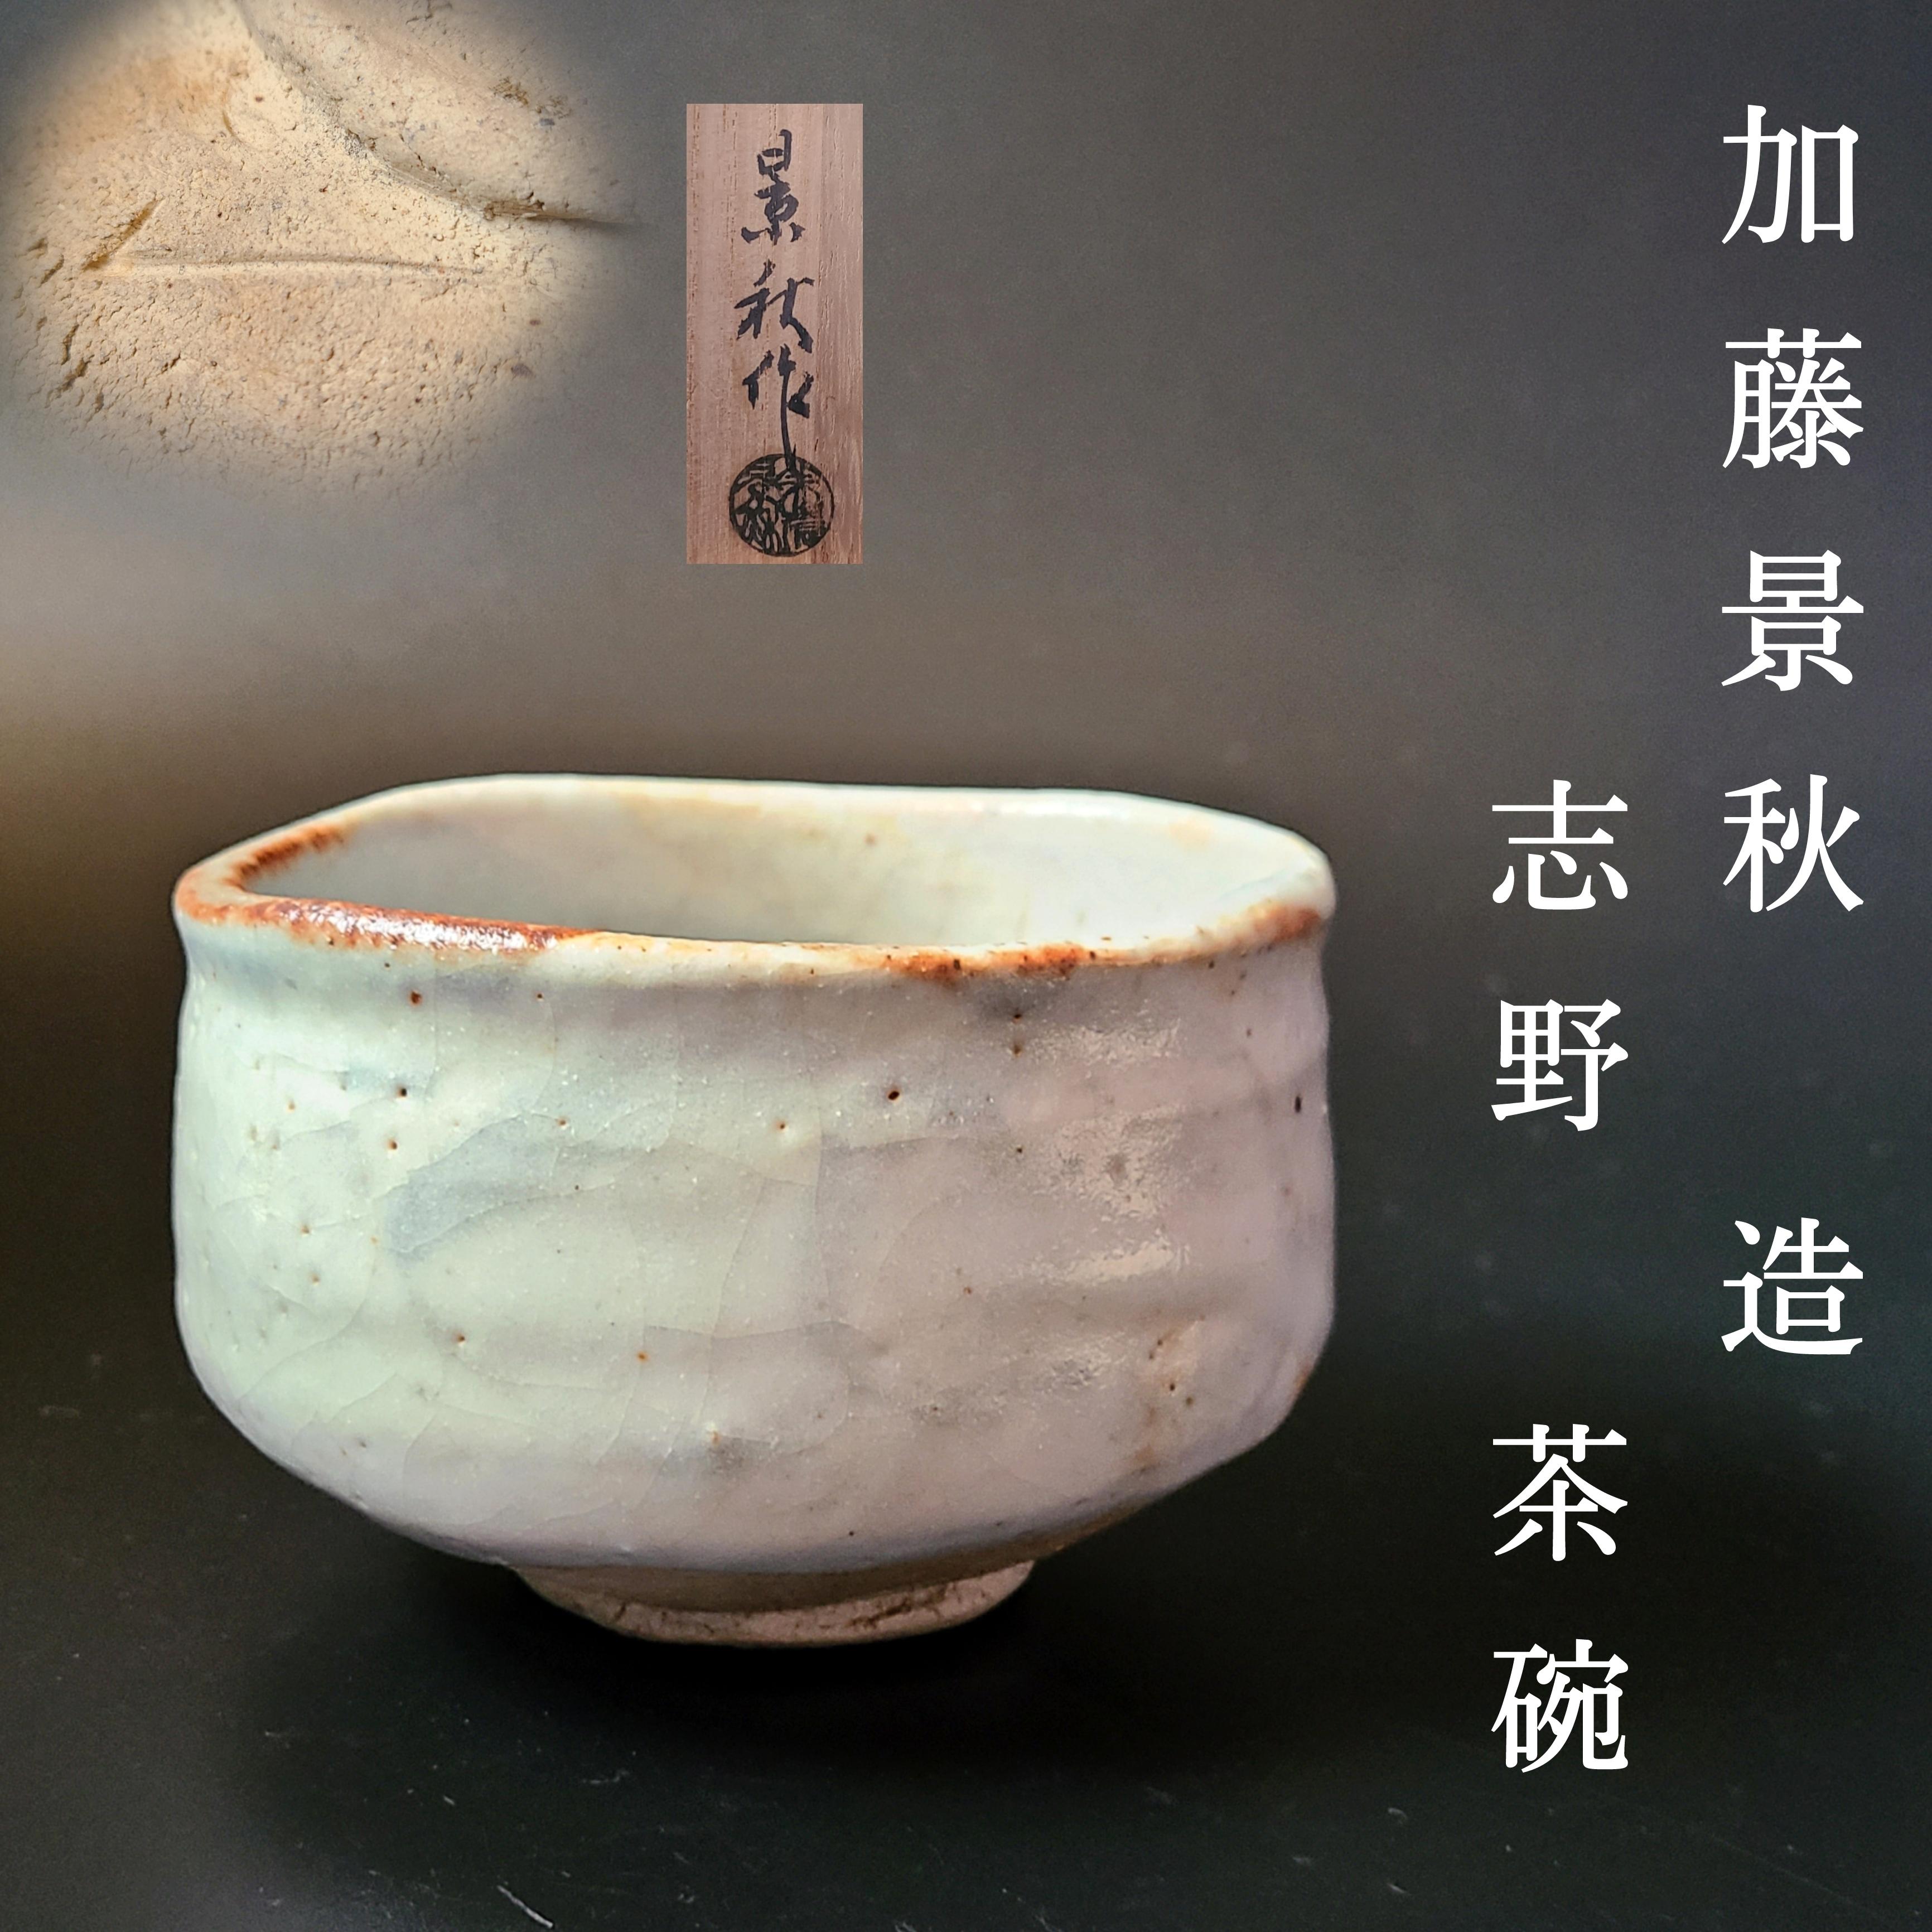 茶道具 志野焼 茶碗 加藤景秋 共箱 陶芸 美濃焼 茶器